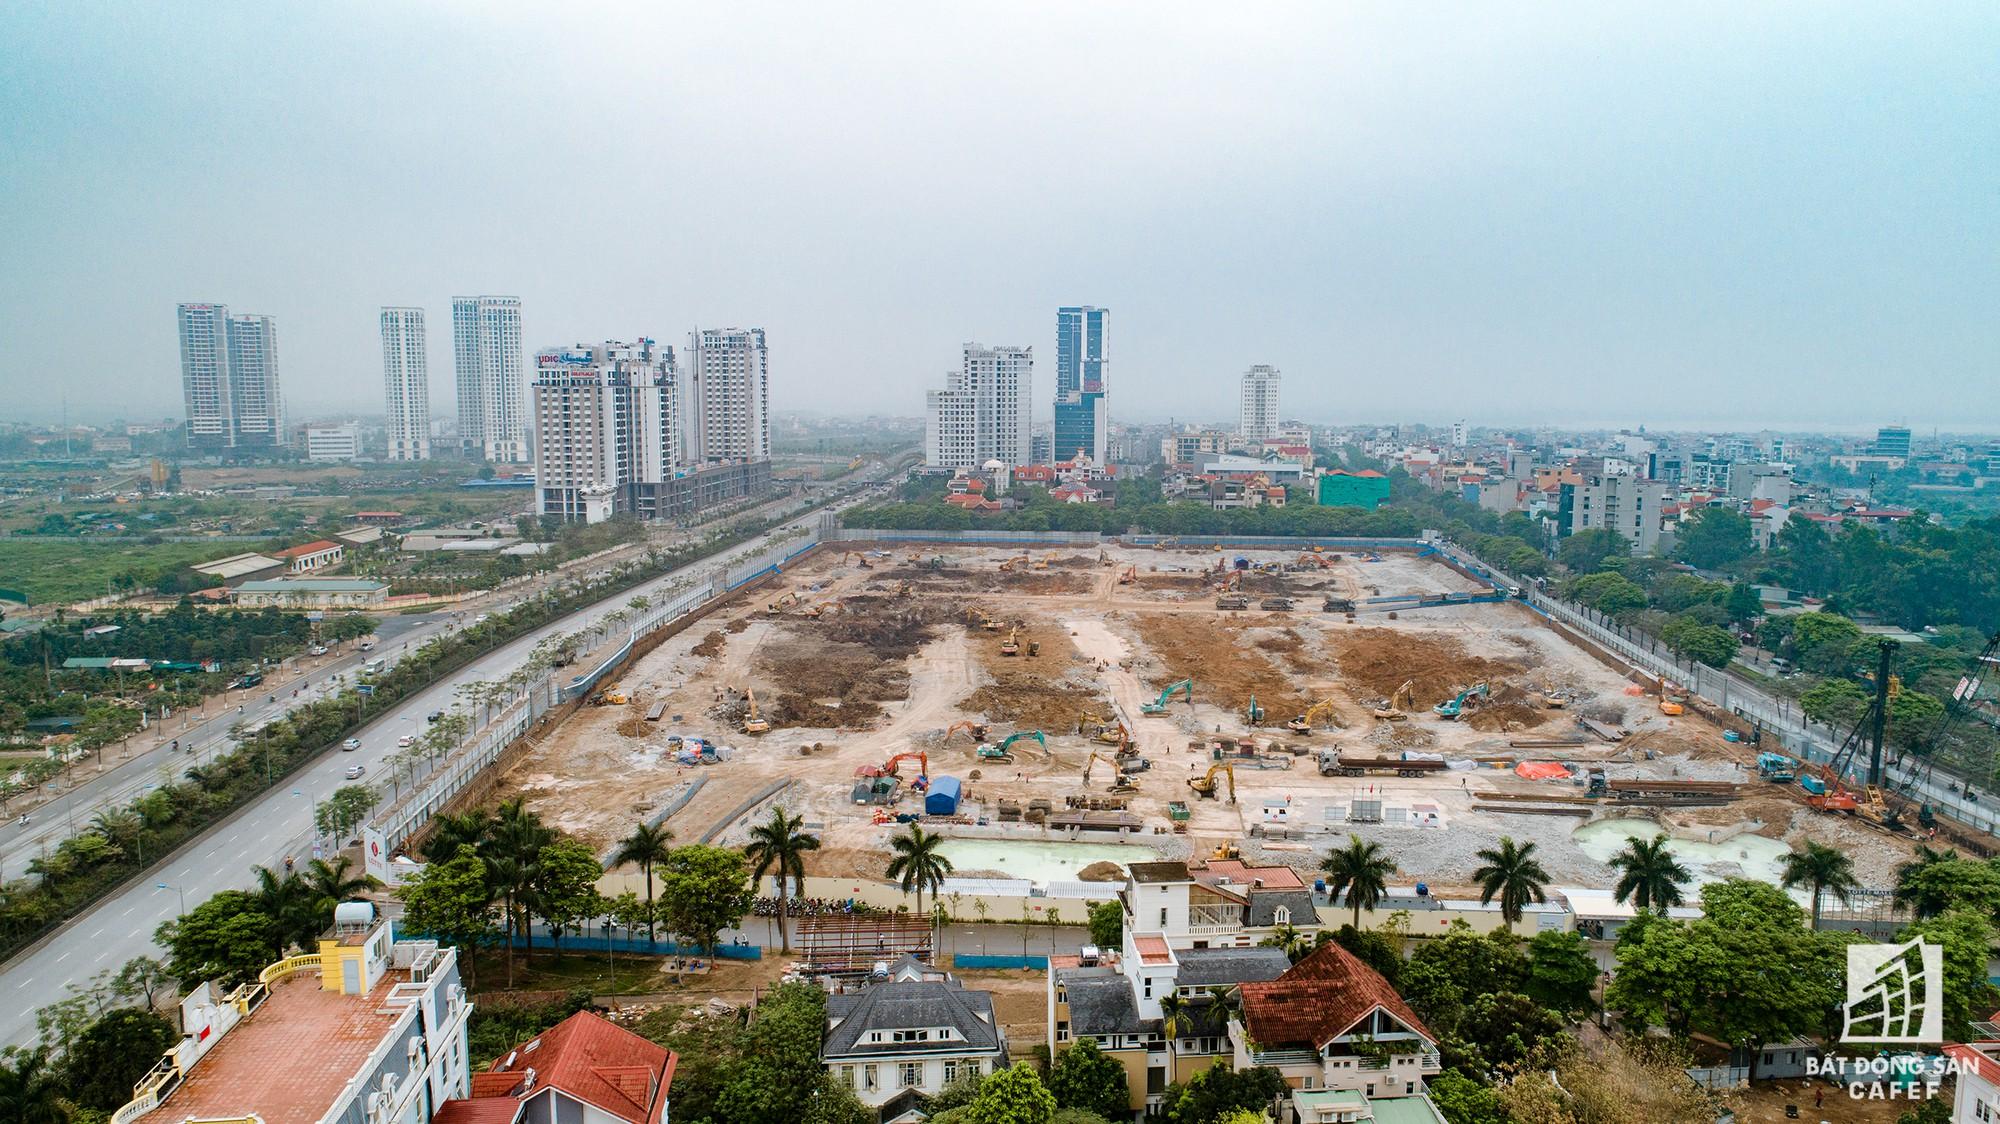 Cận cảnh hàng loạt dự án cao ốc dọc trục đường 8 làn xe tại trung tâm Hà Nội - Ảnh 3.